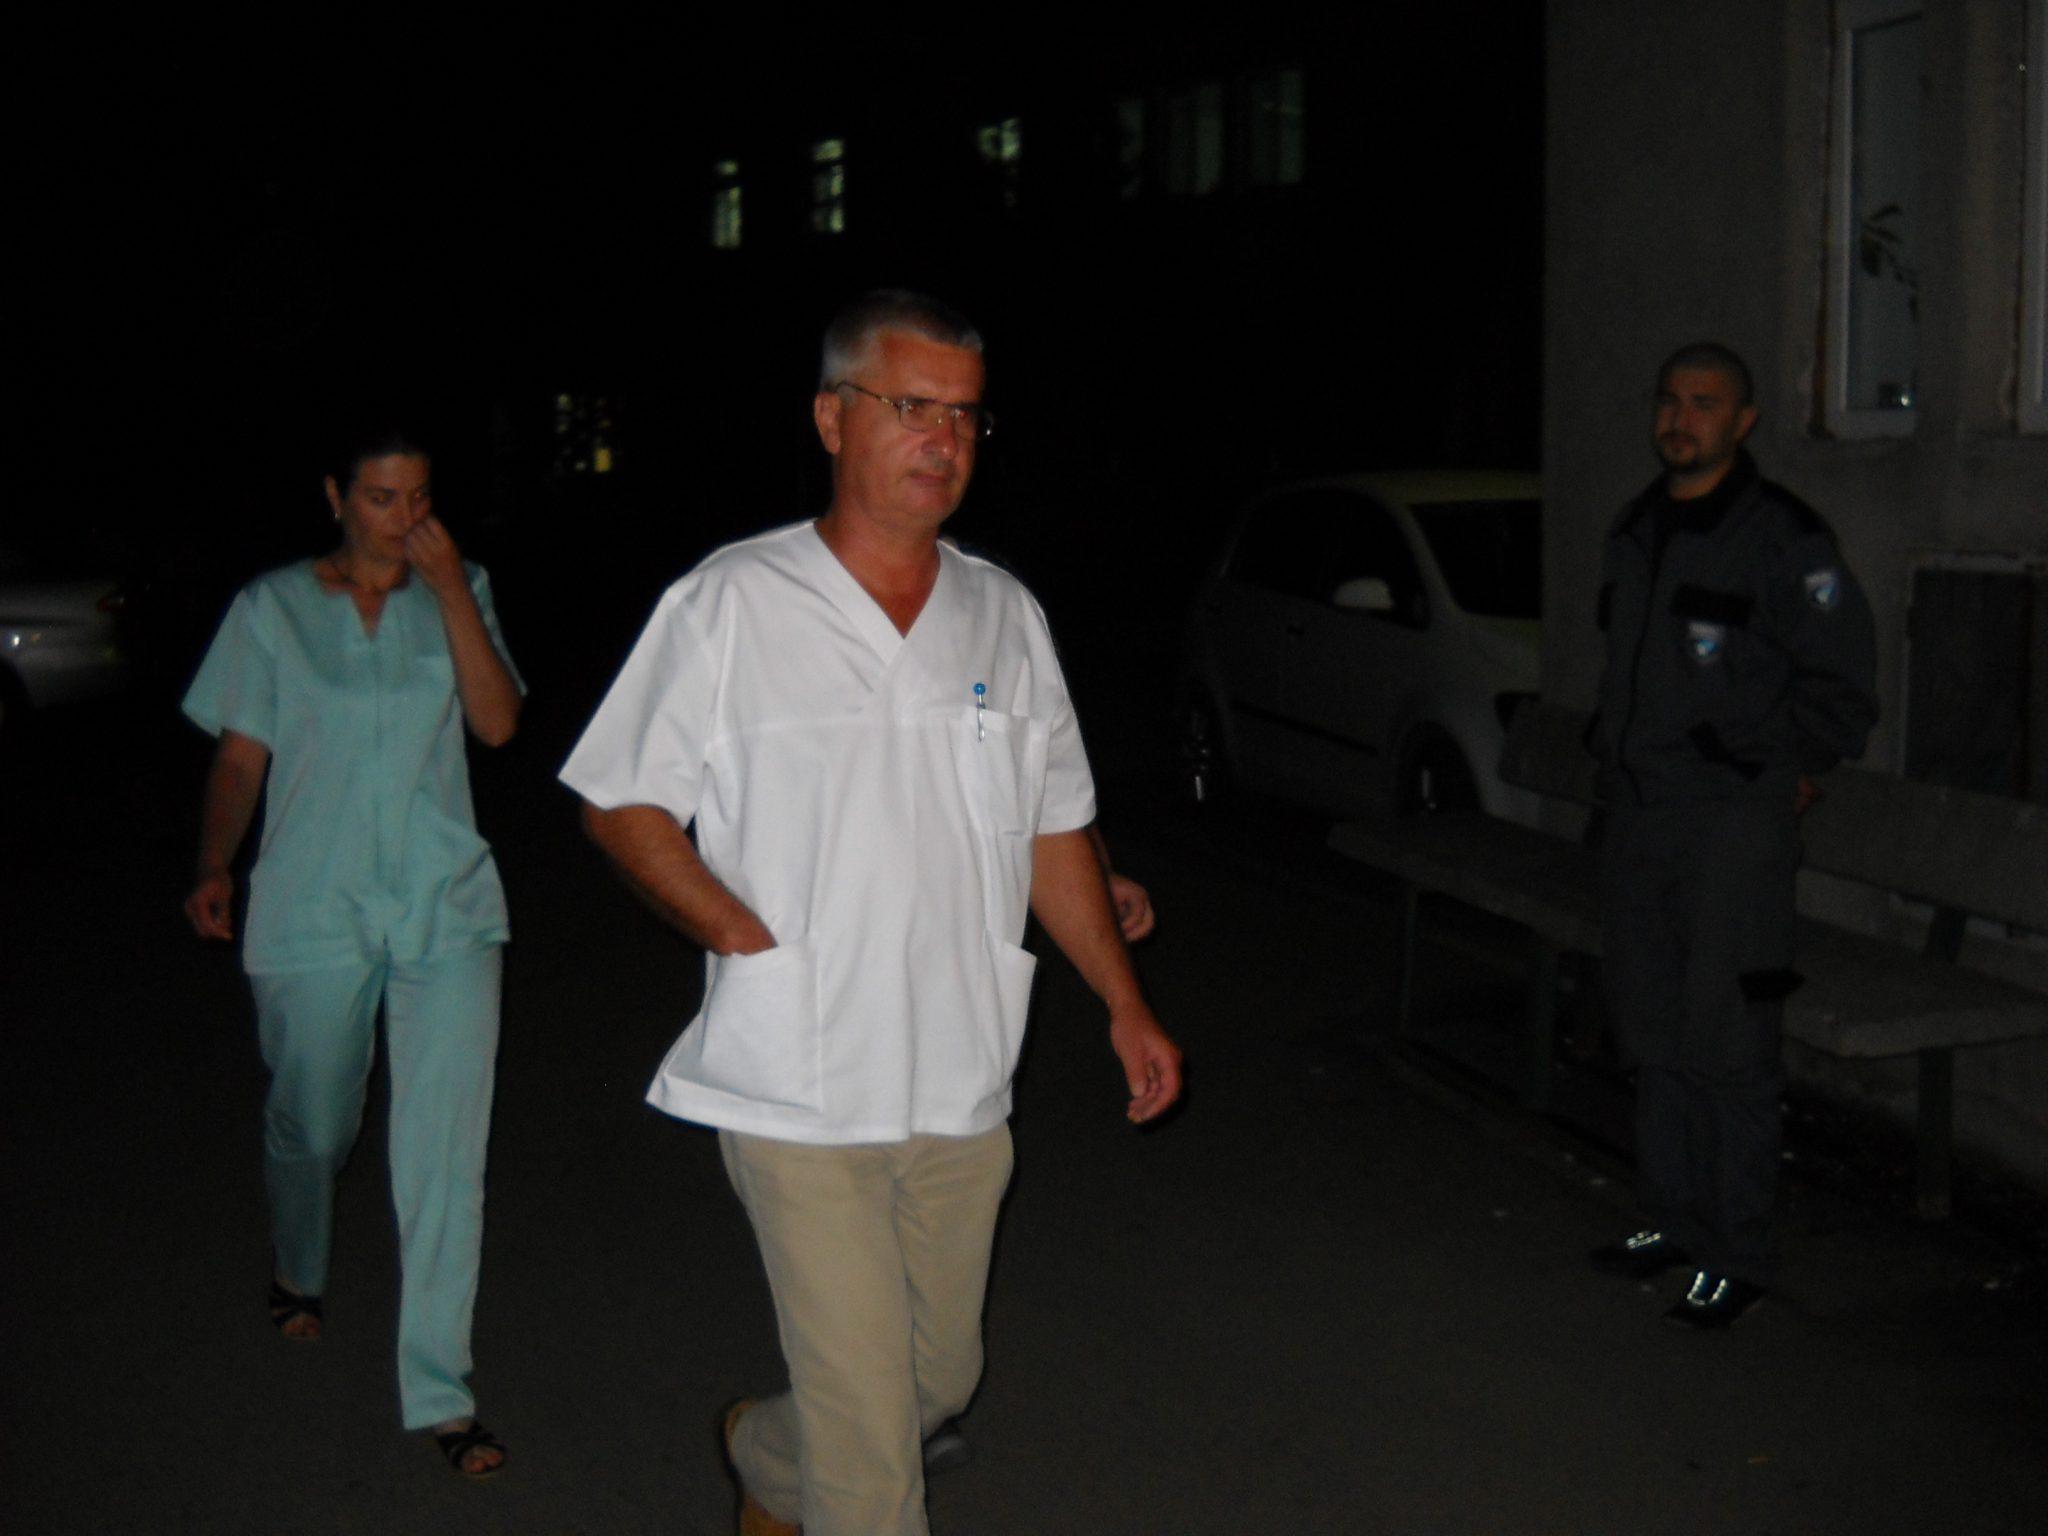 Medicii slătineni Tusciuc şi Iancu îşi aşteaptă sentinţa în dosarul privind moartea unui copil de nouă ani, ajuns la spital cu o fractură de mână